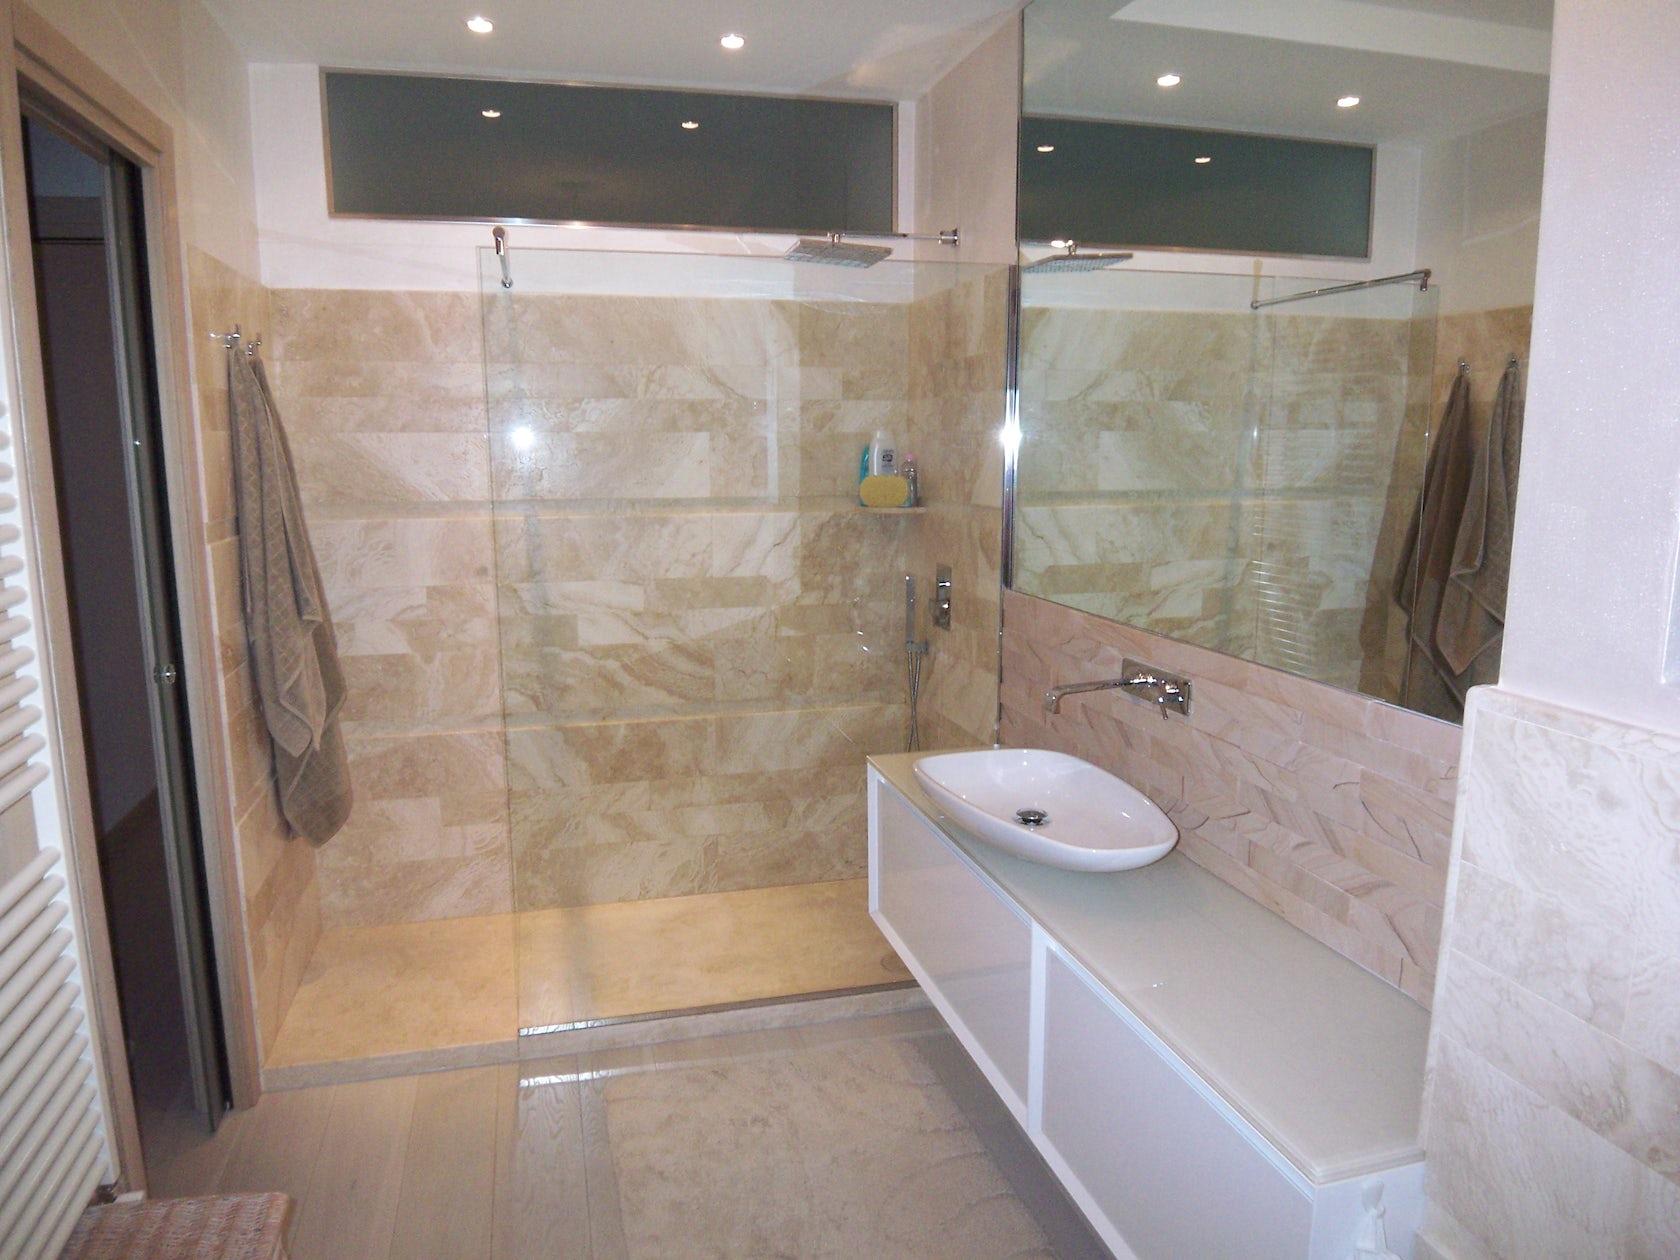 Progetto bagno tonalit beige bianco architizer for Arredo bagno bianco